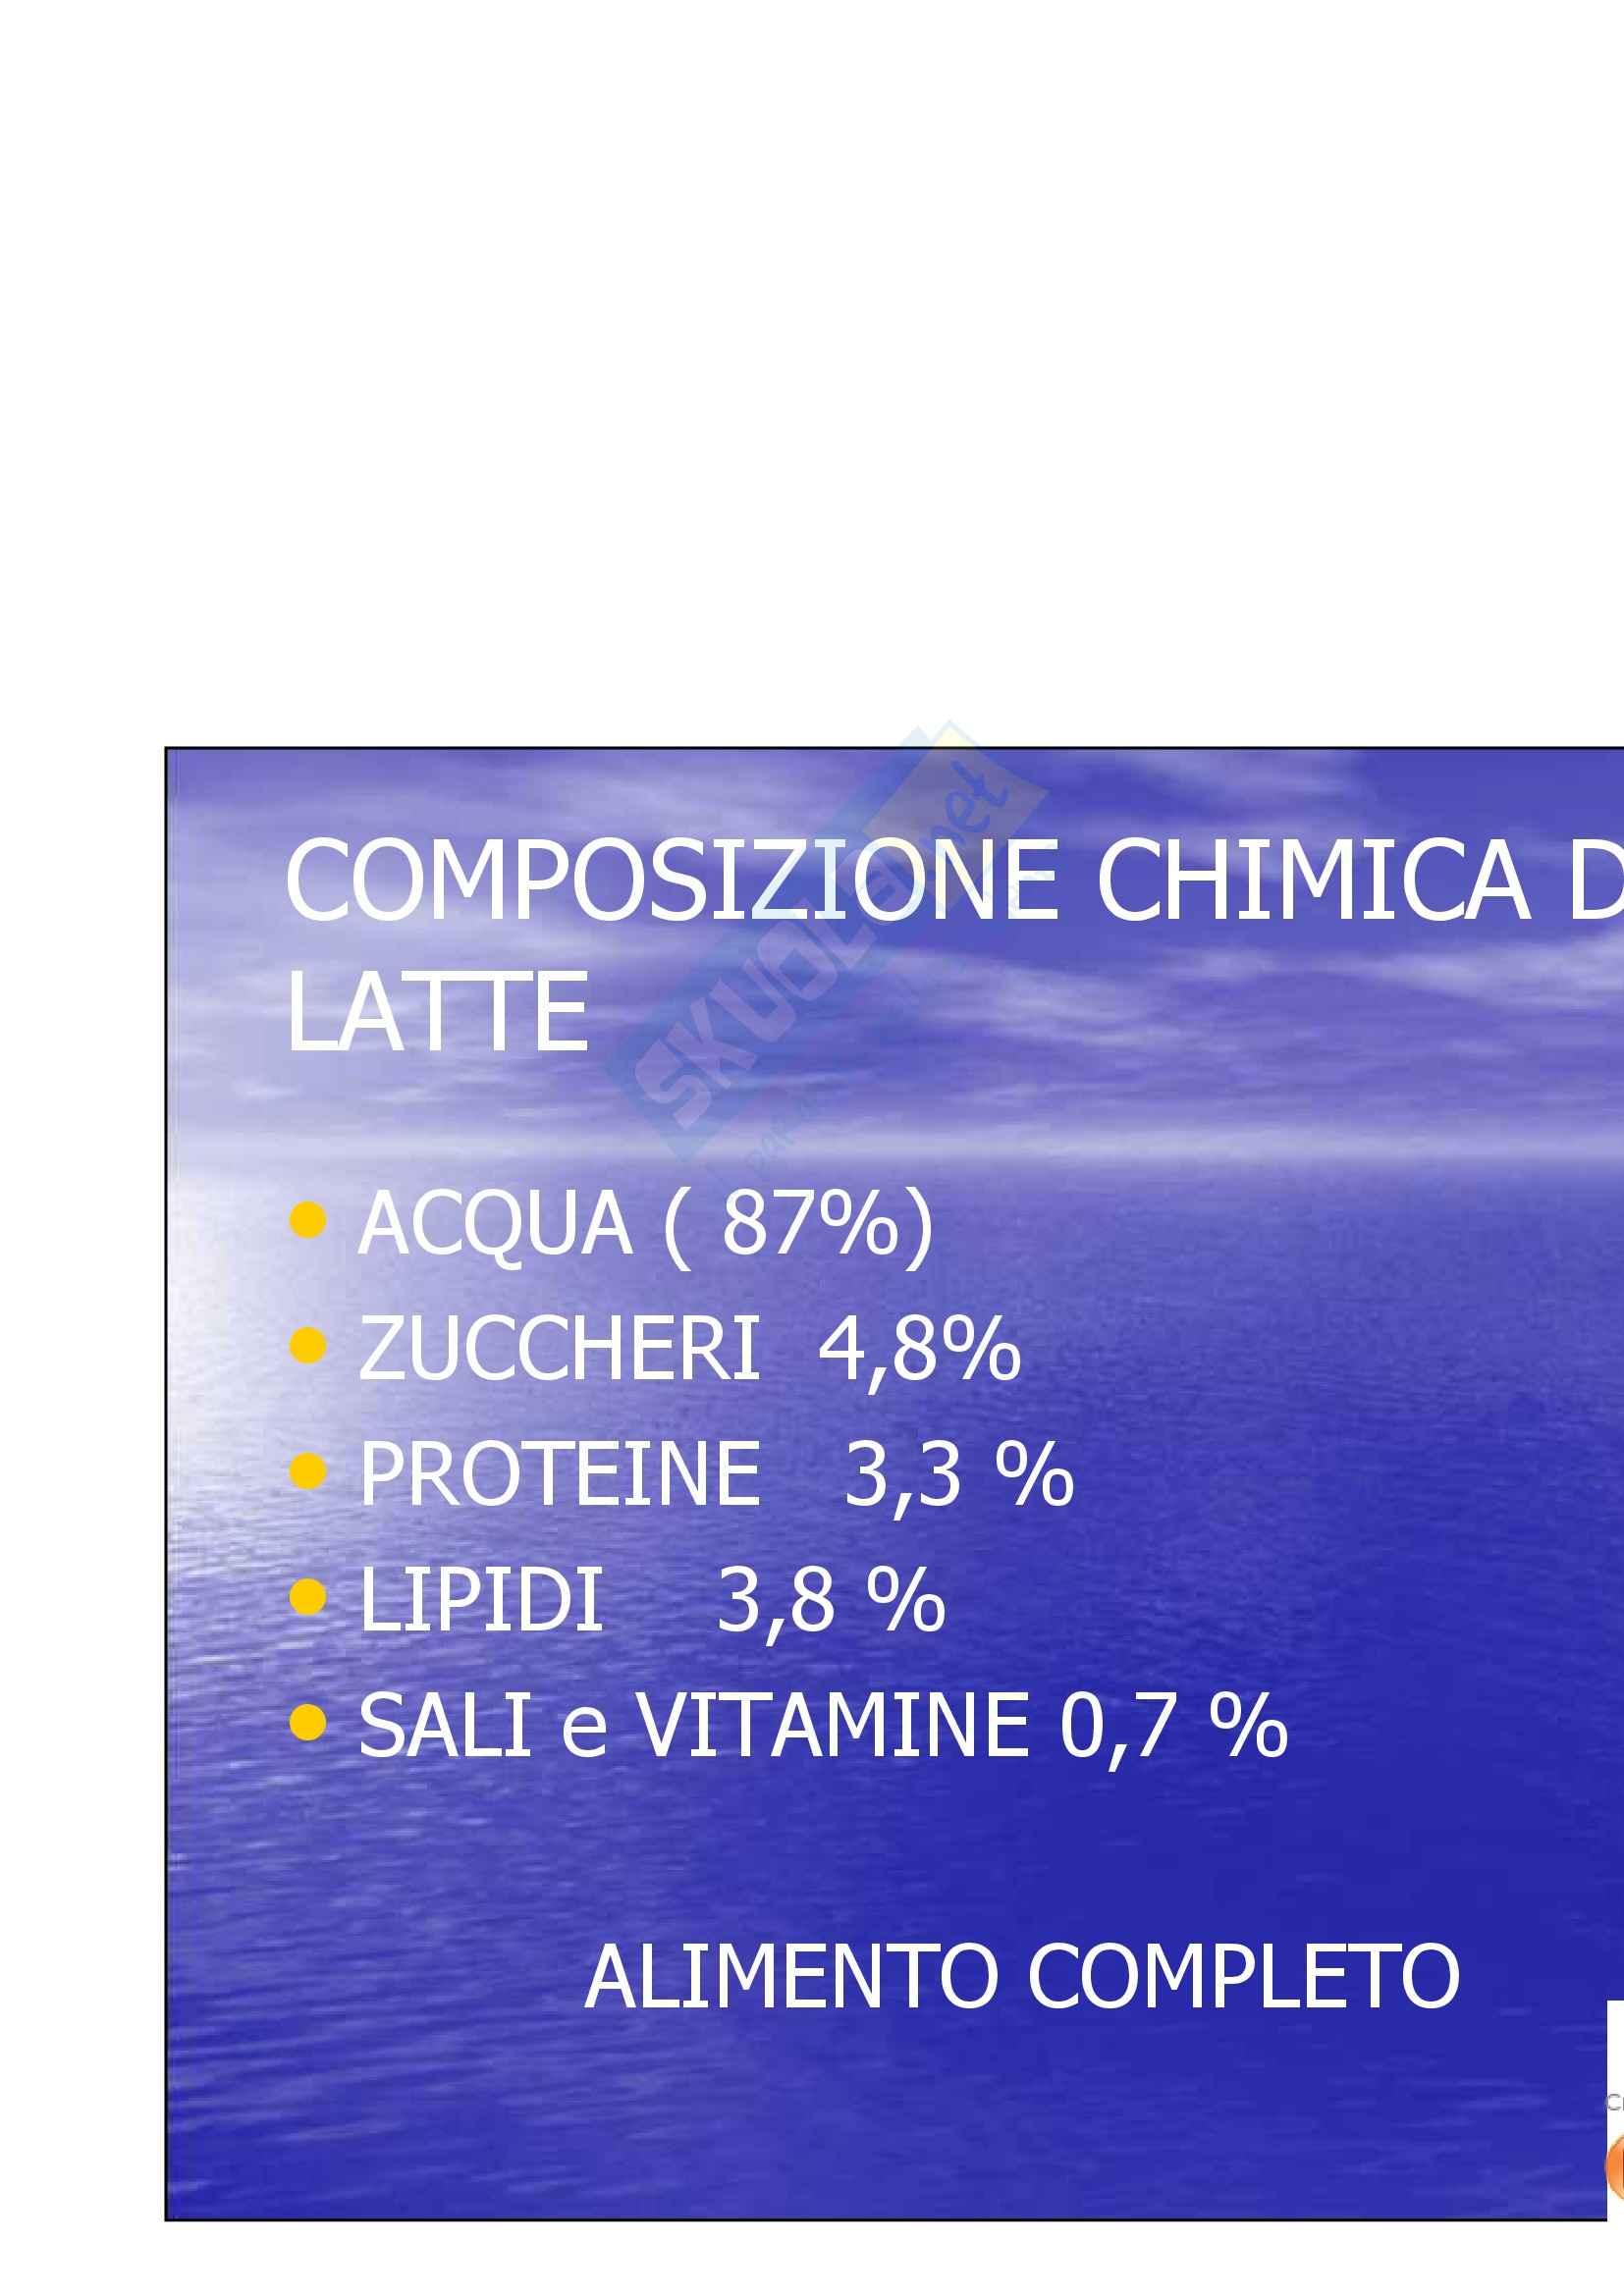 Latte e microrganismi - Appunti Pag. 2